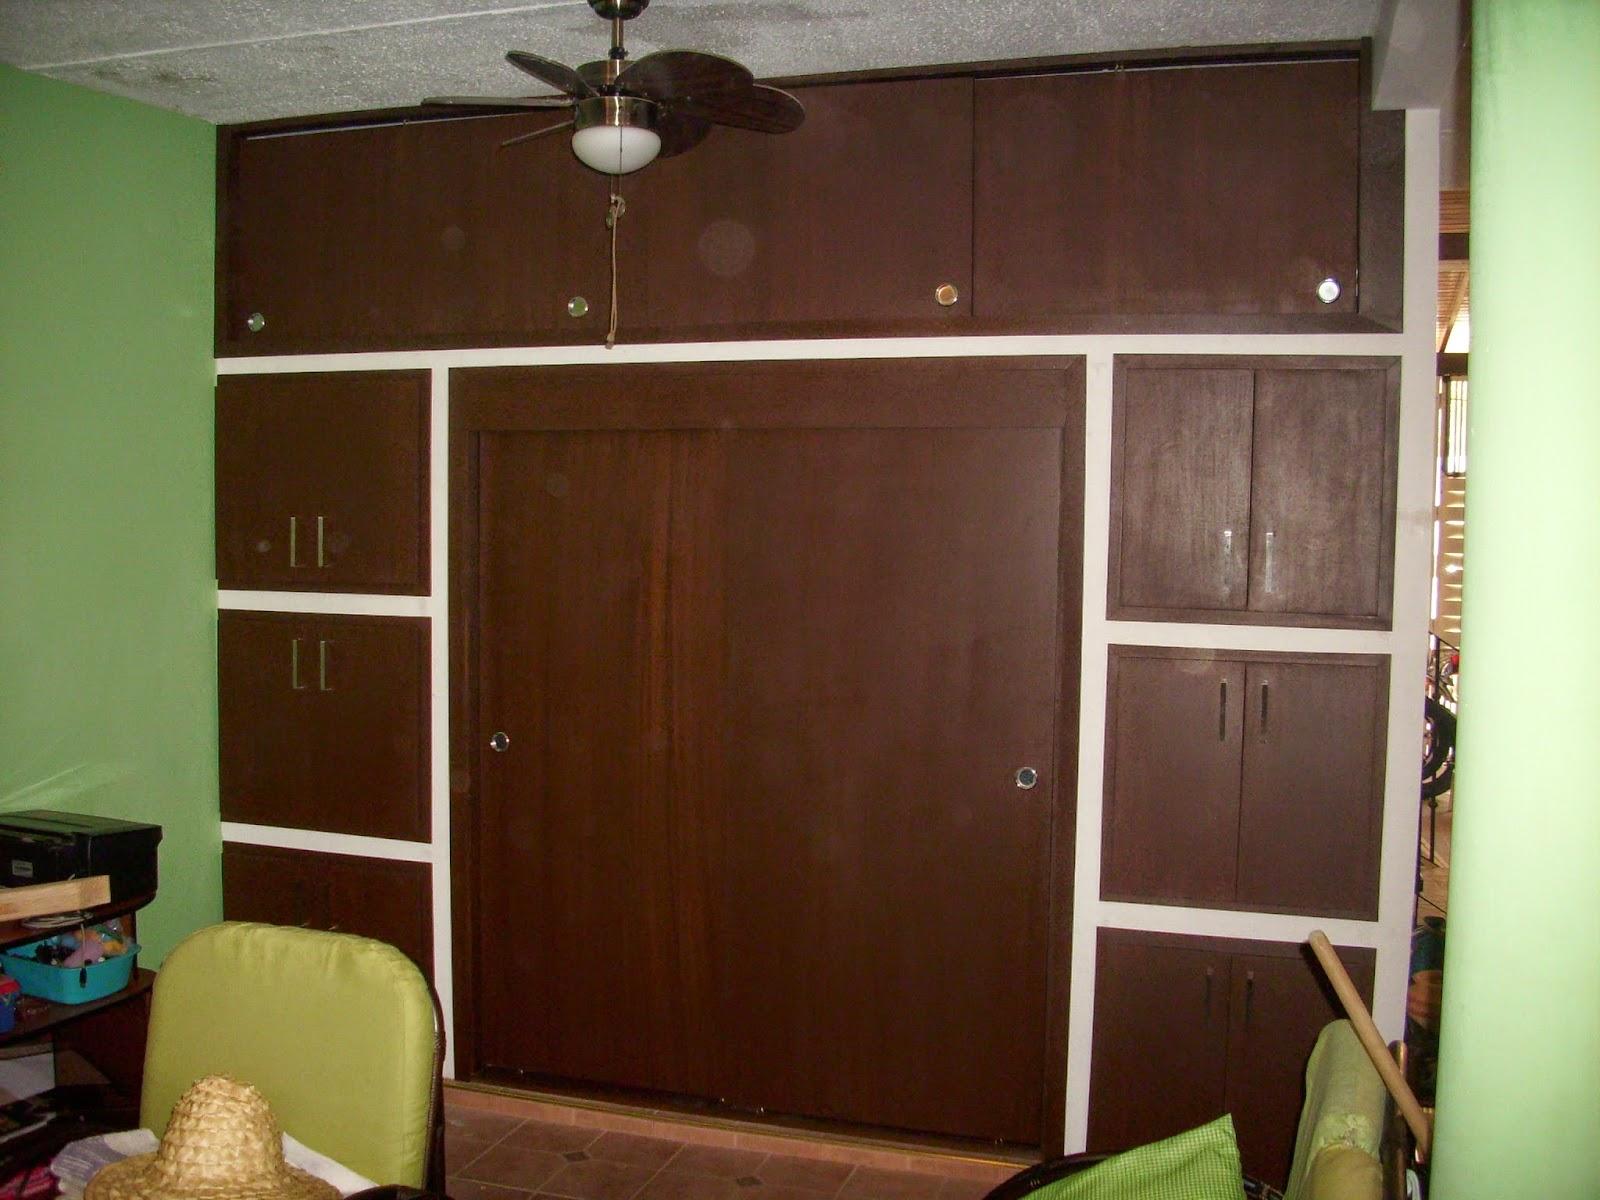 Mis trabajos en madera puertas de cocina y puertas para for Puertas para closet de madera